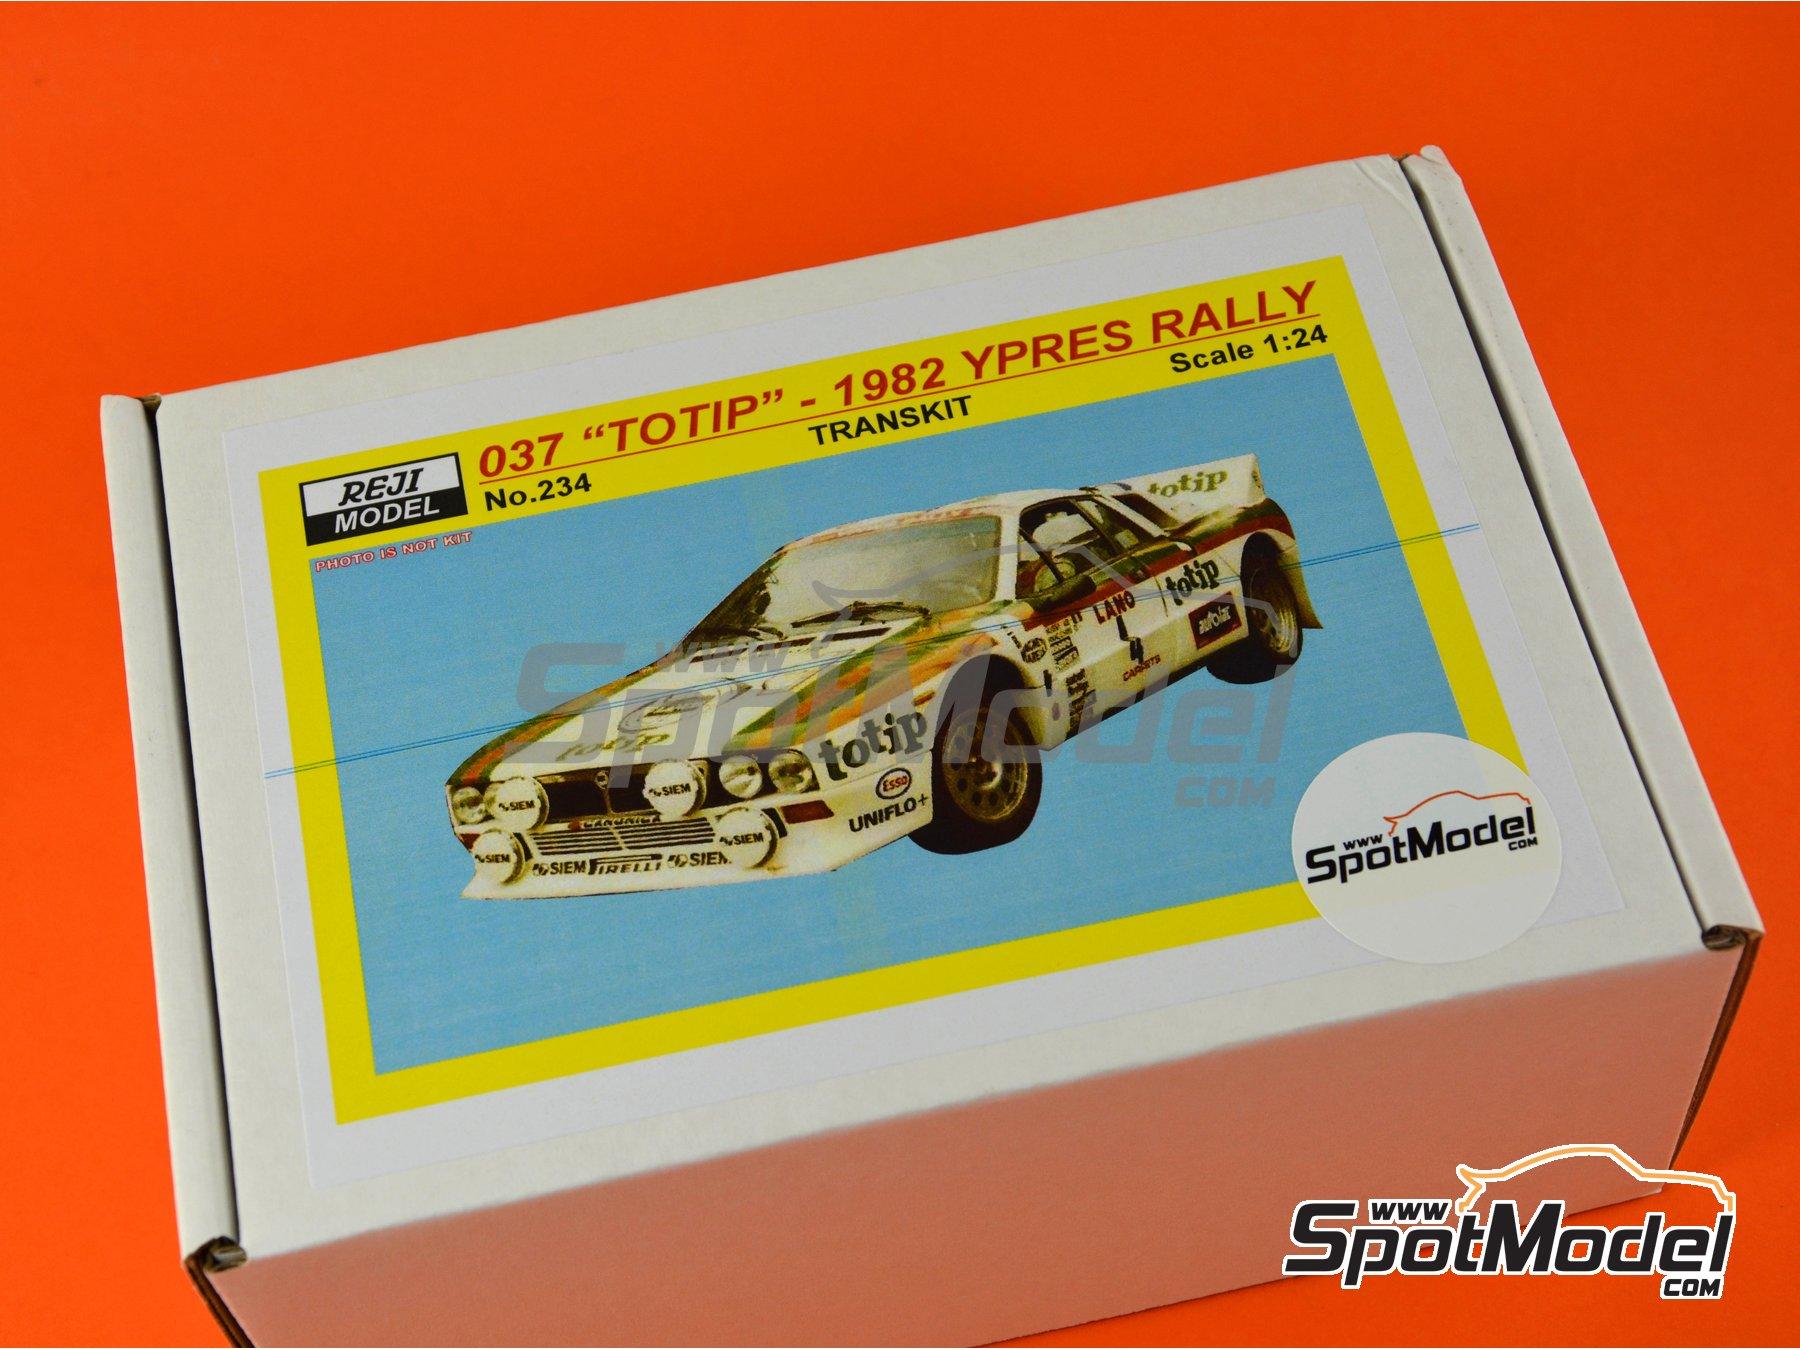 Image 3: Lancia 037 WRC Totip - Rally de Ypres de Belgica 1982 | Decoración en escala1/24 fabricado por Reji Model (ref.REJI-234)